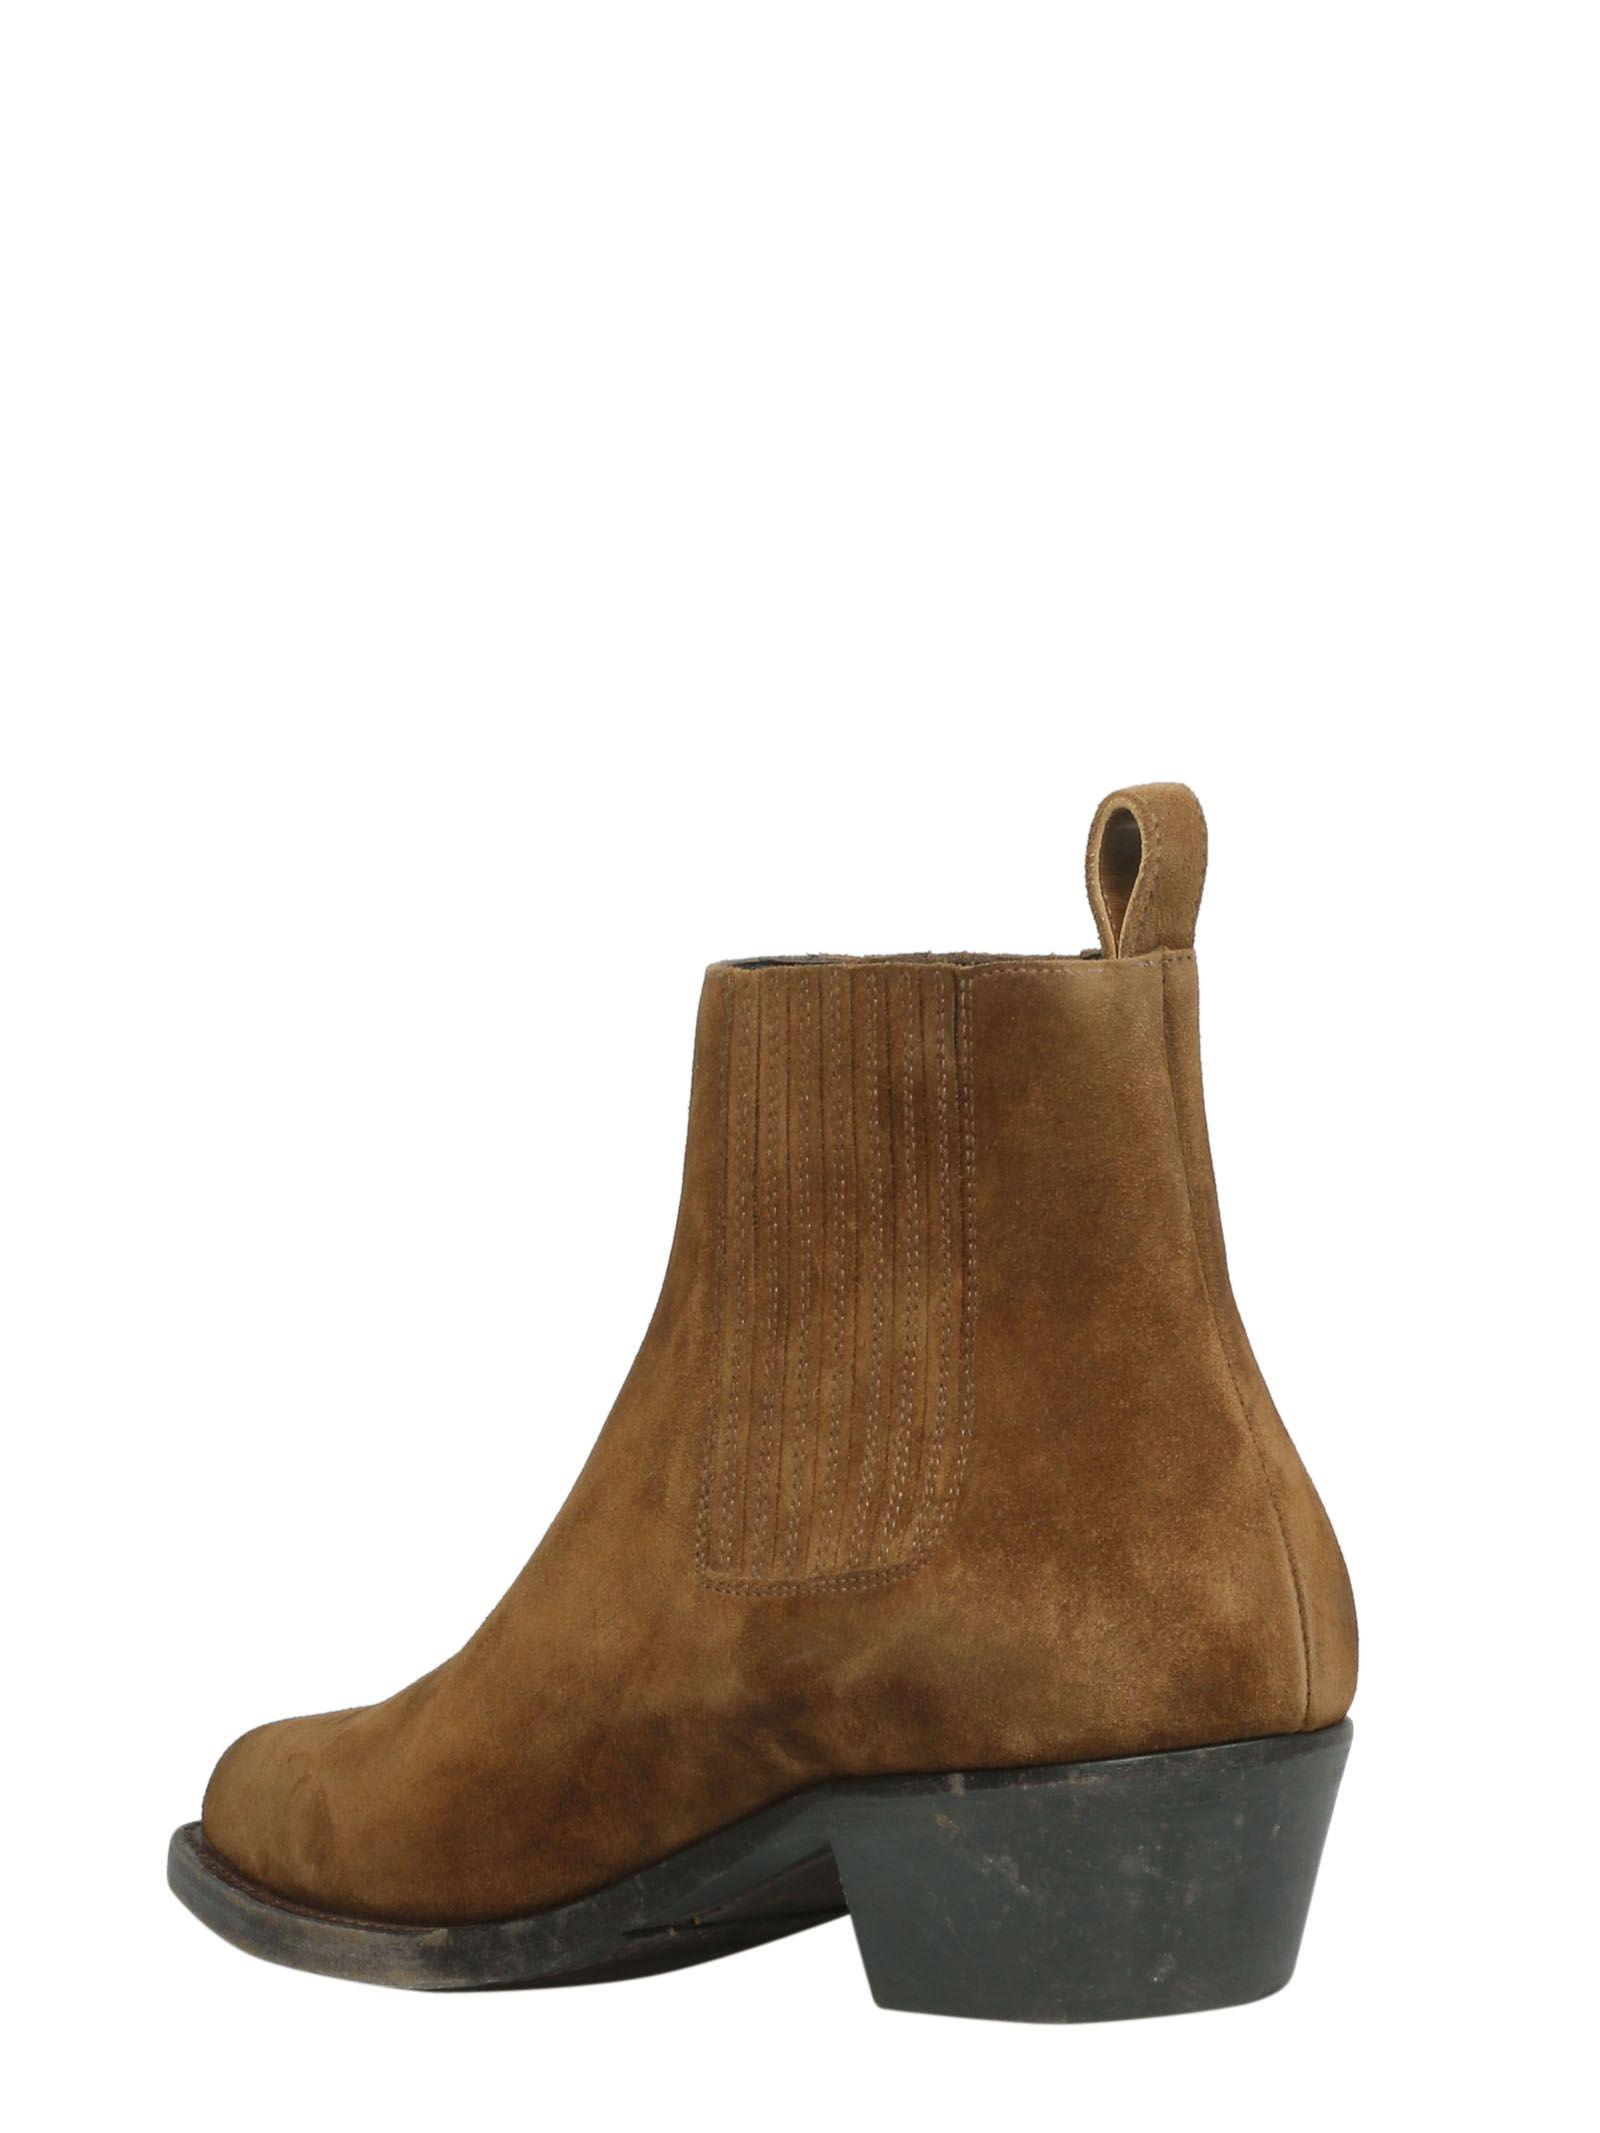 d2ebeac80d90 Saint Laurent Saint Laurent Wyatt Chelsea Ankle Boots - Basic ...